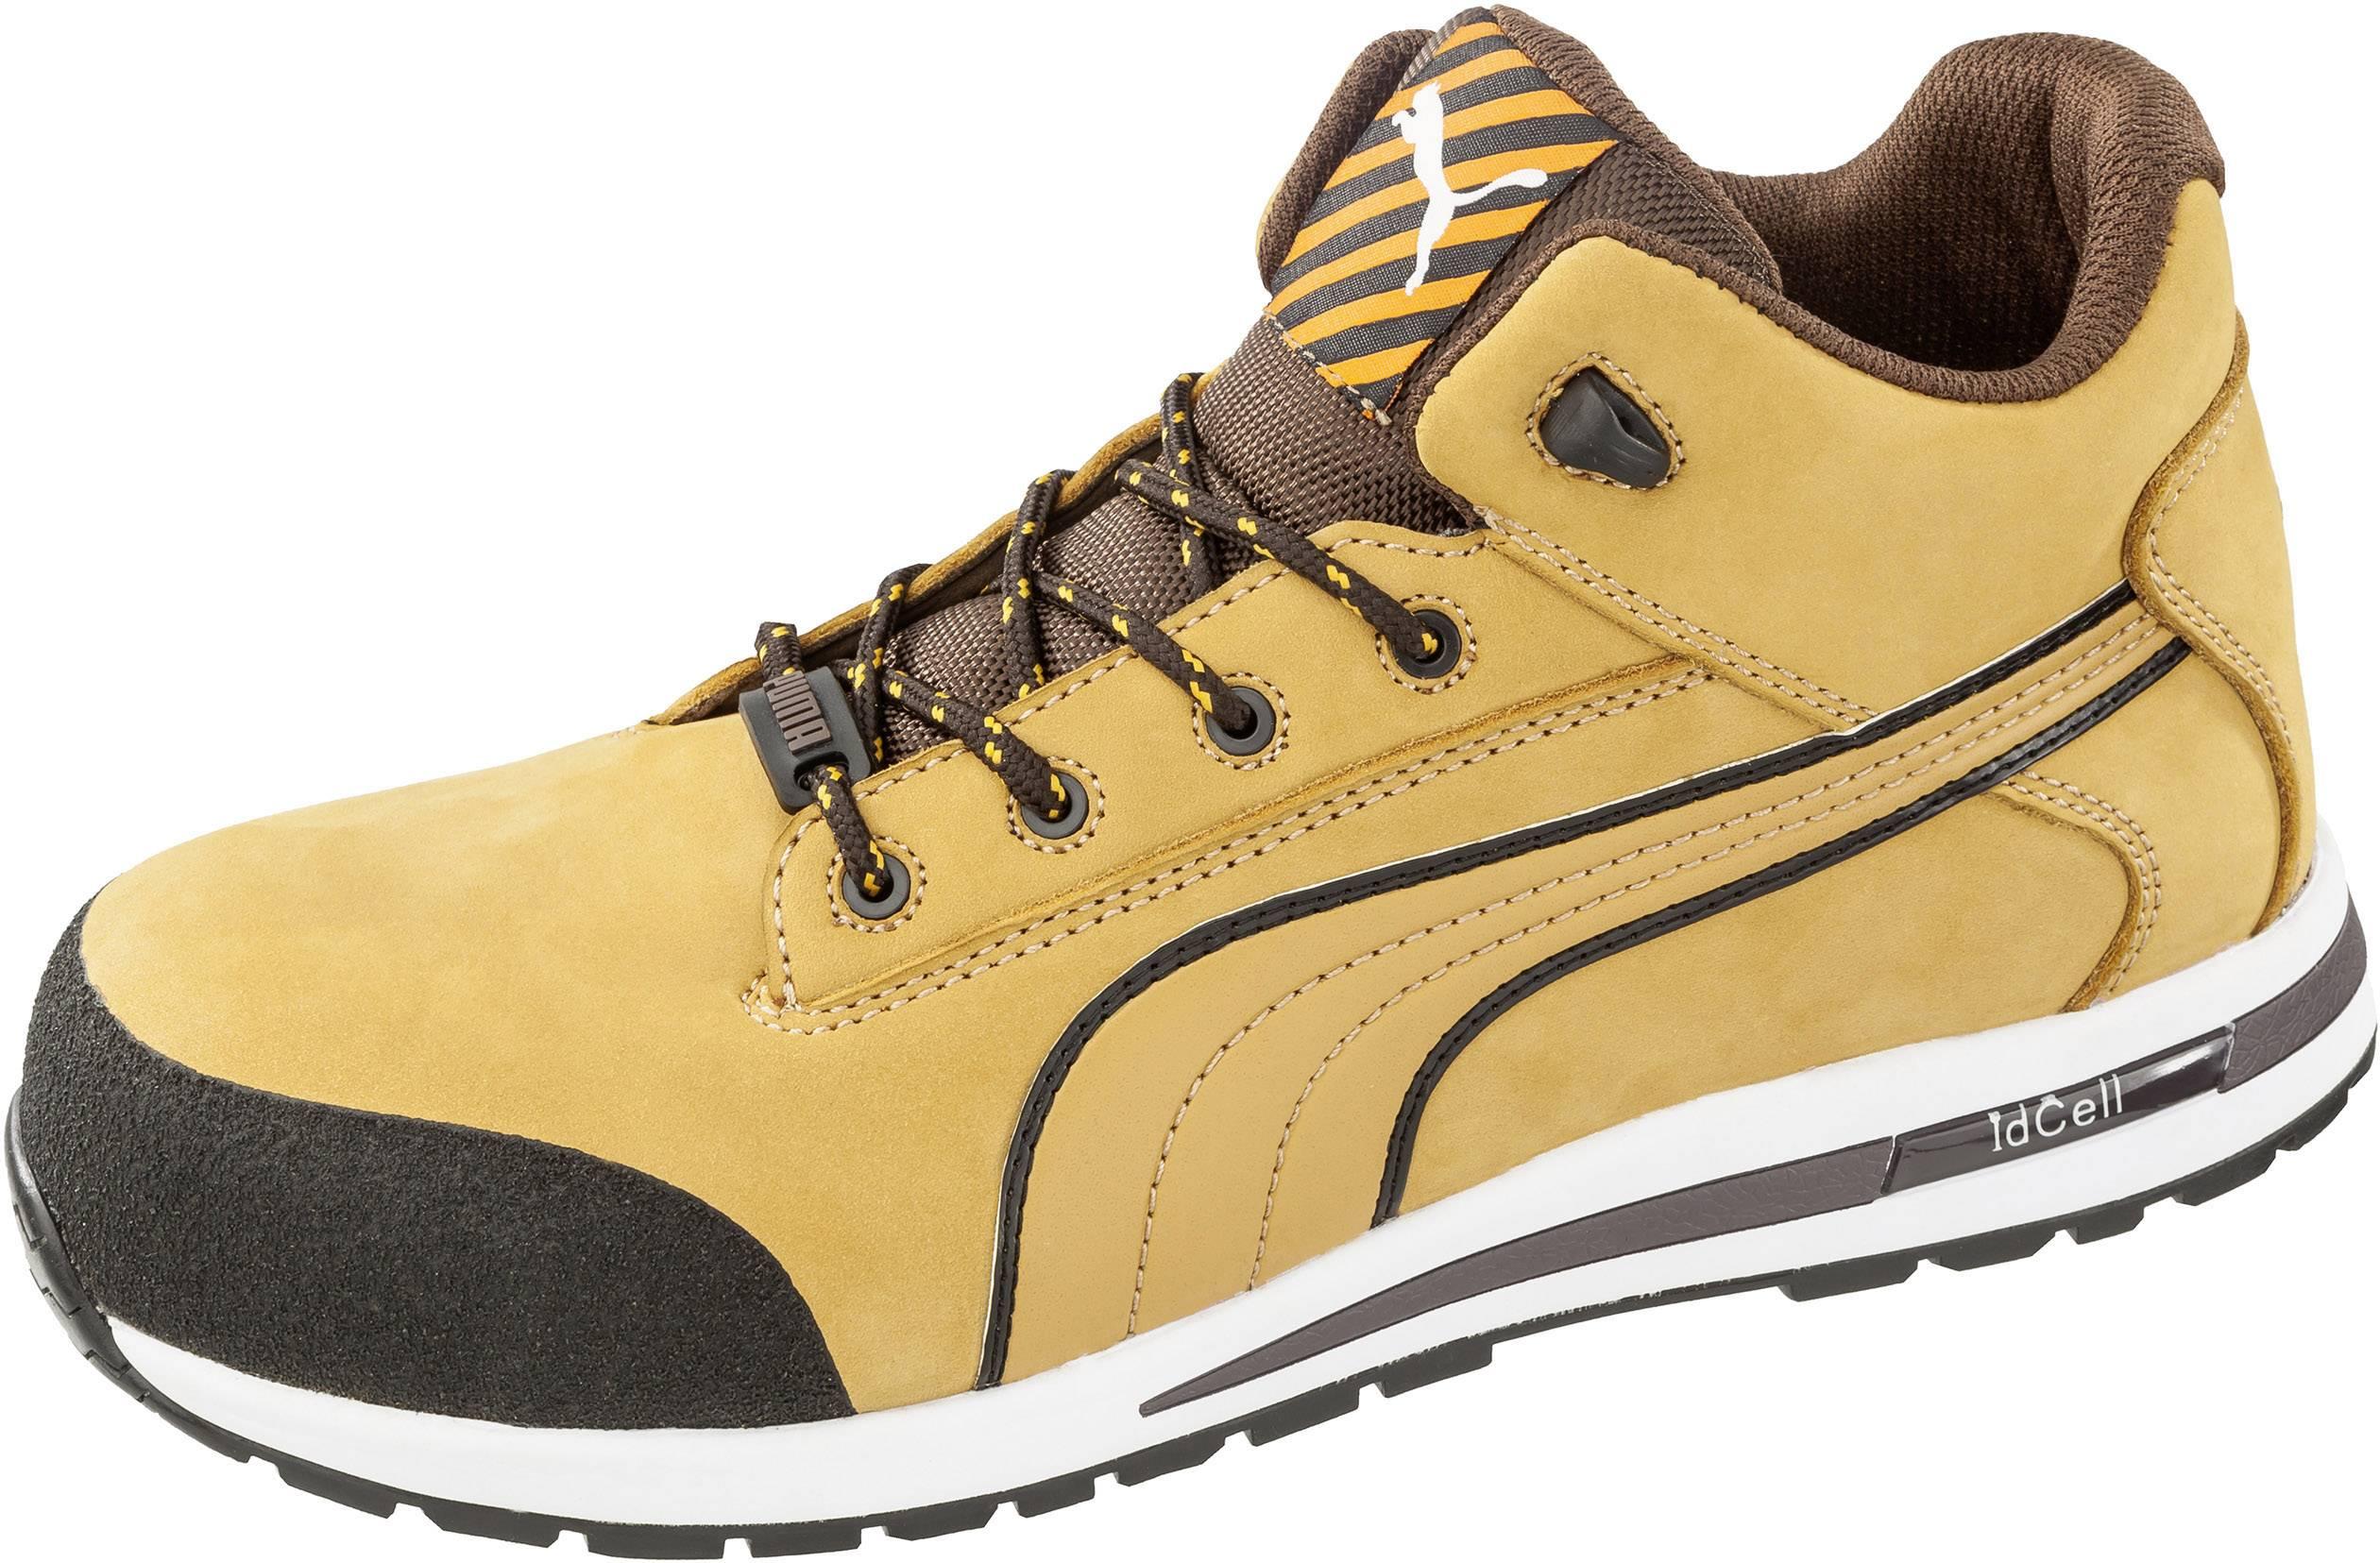 Puma Taille S3 40 Safety Chaussures Sécurité De Montantes Dash qBt5n